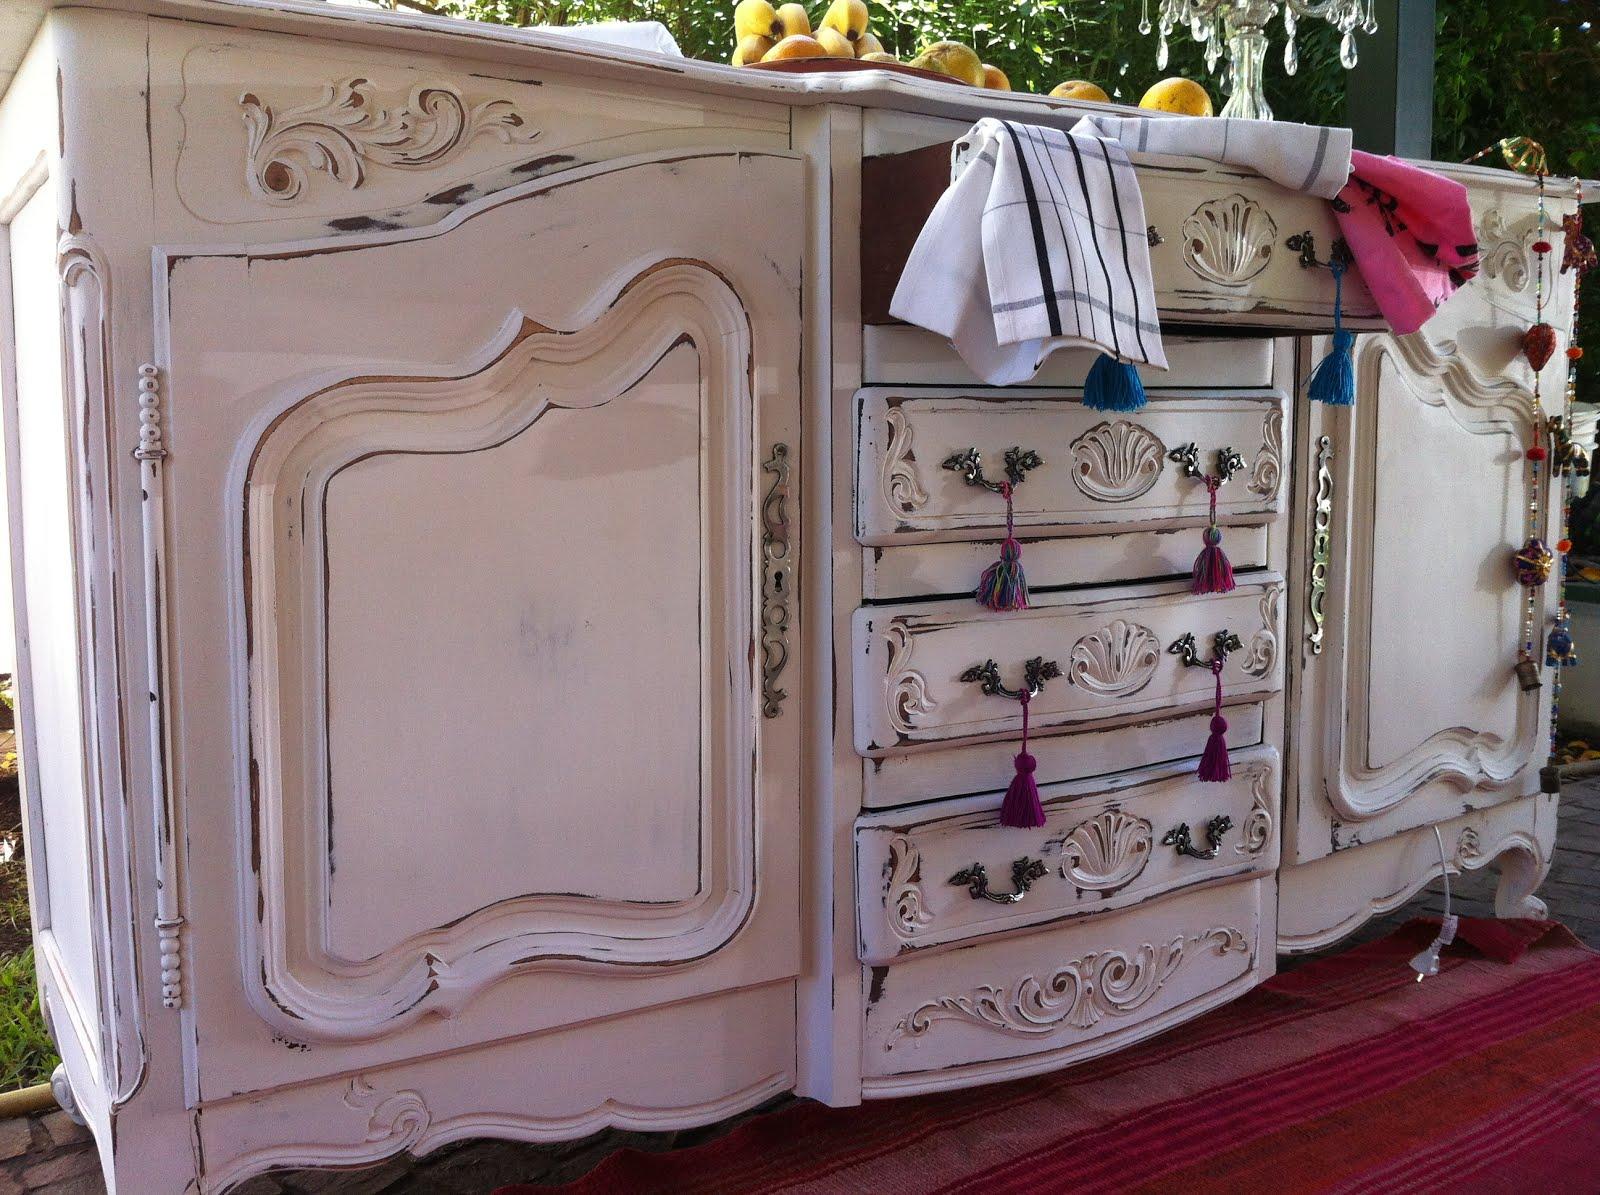 Vintouch muebles reciclados pintados a mano - Decapado de muebles ...